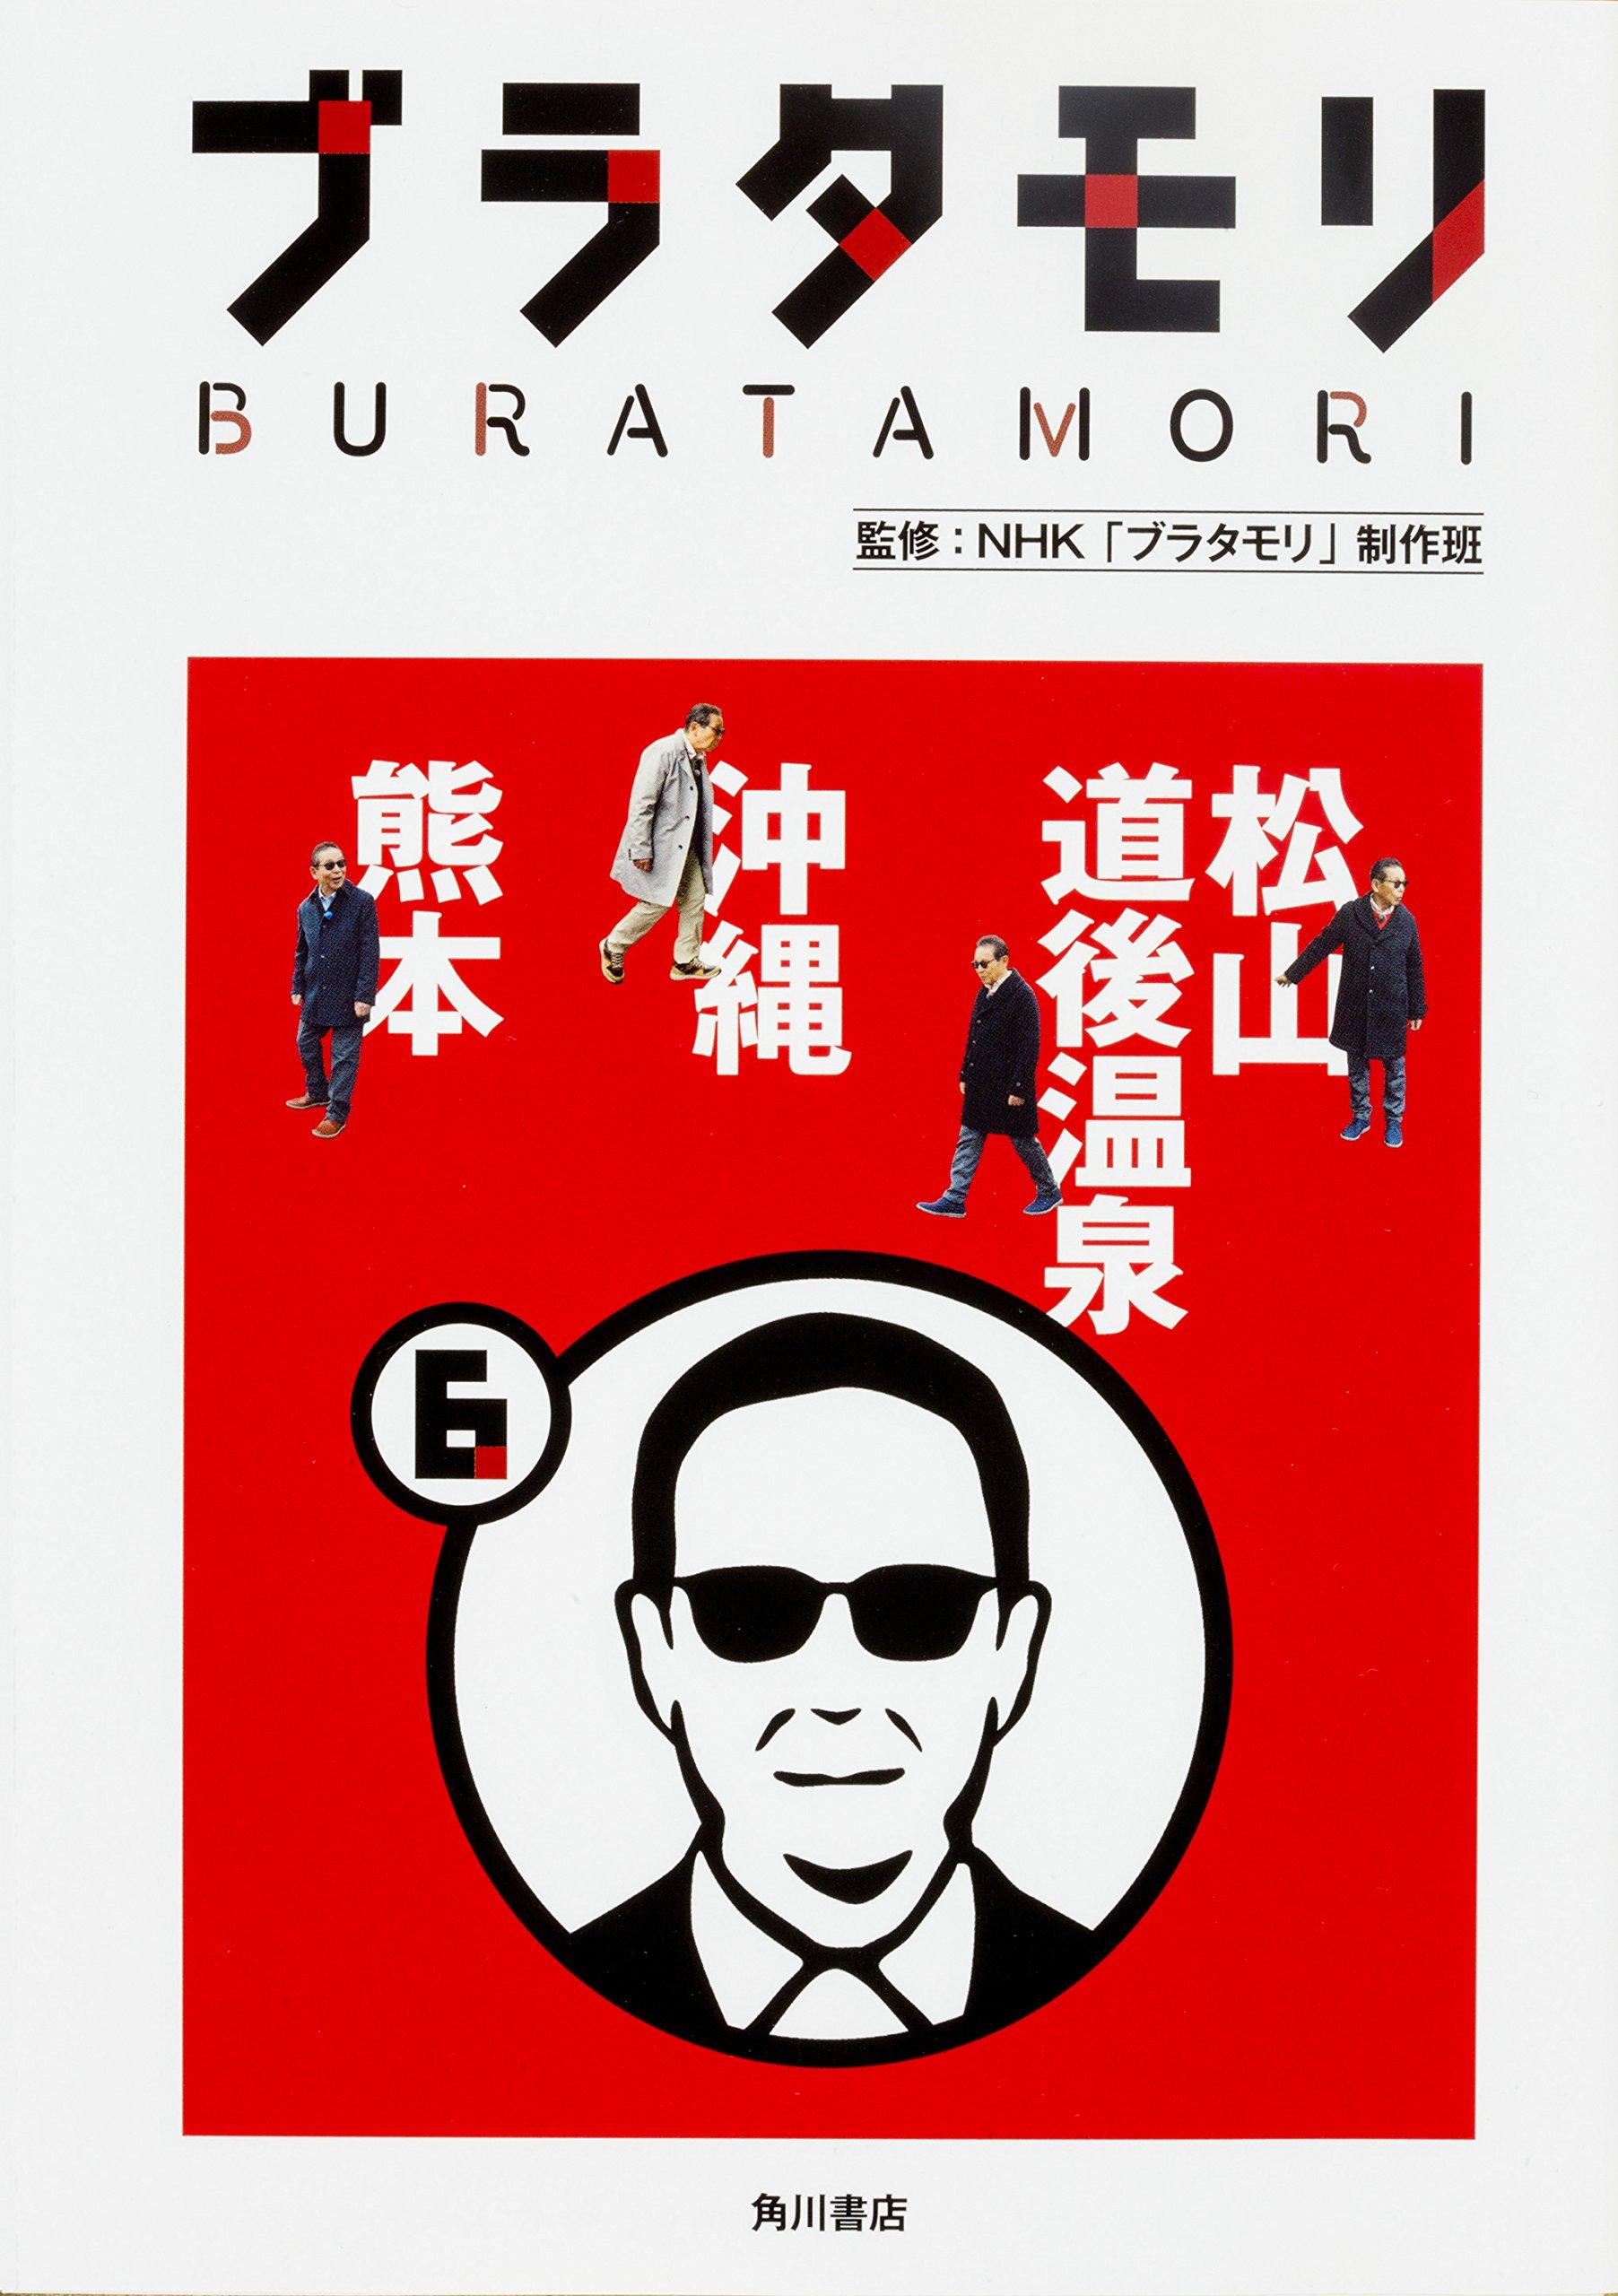 【書籍】ブラタモリ セット 6巻